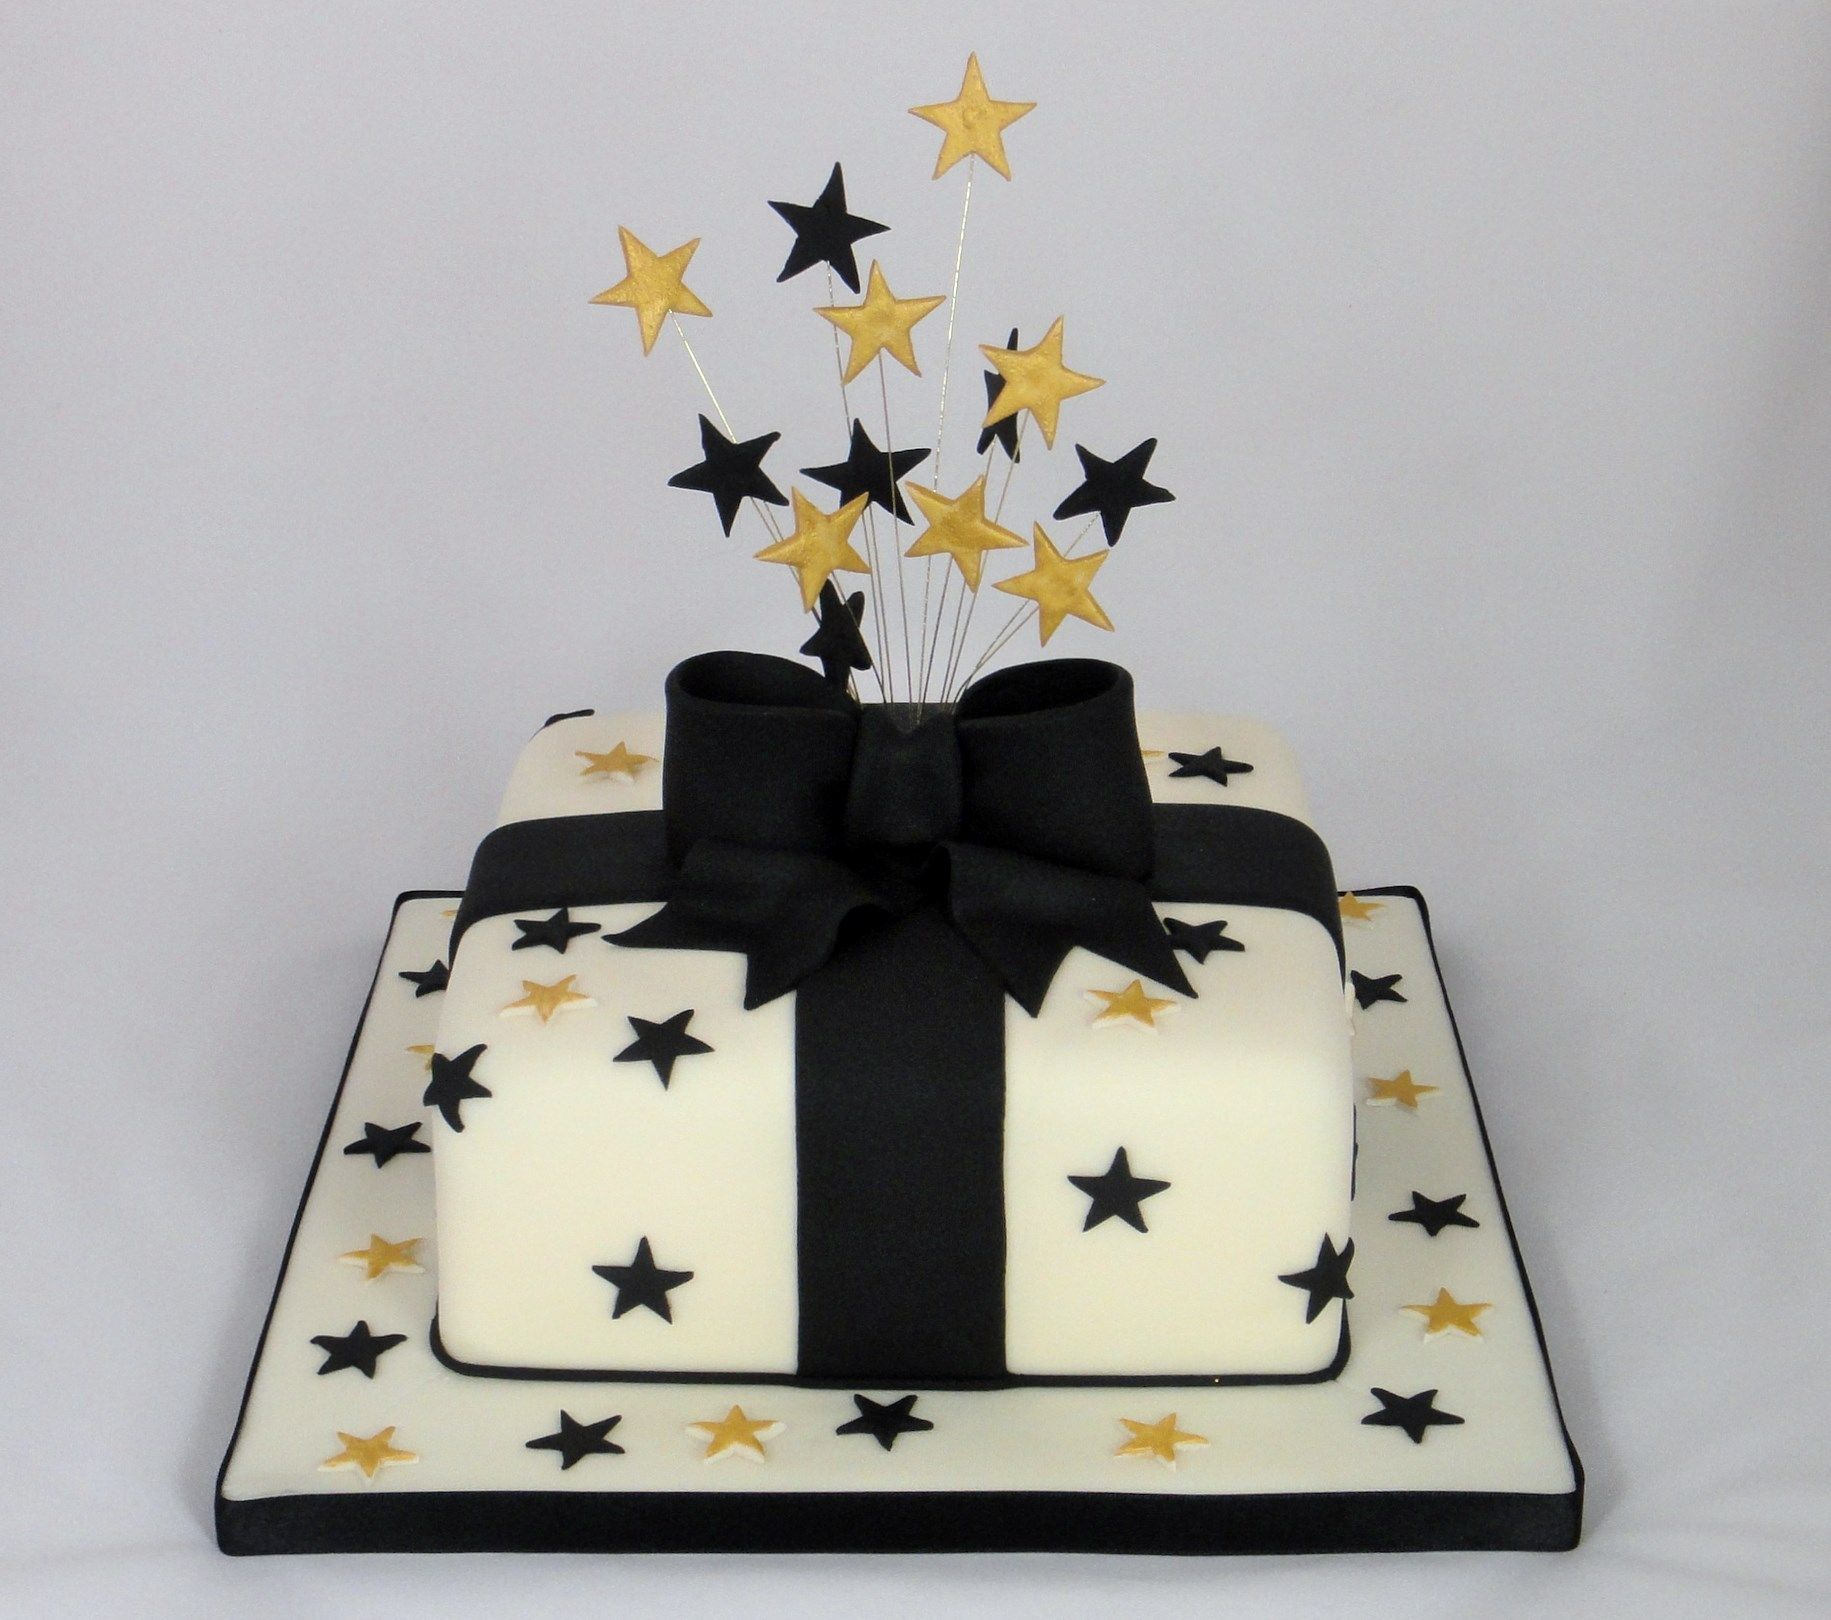 Black Gold Parcel Novelty Cake 07917815712 wwwfancycakesbylinda